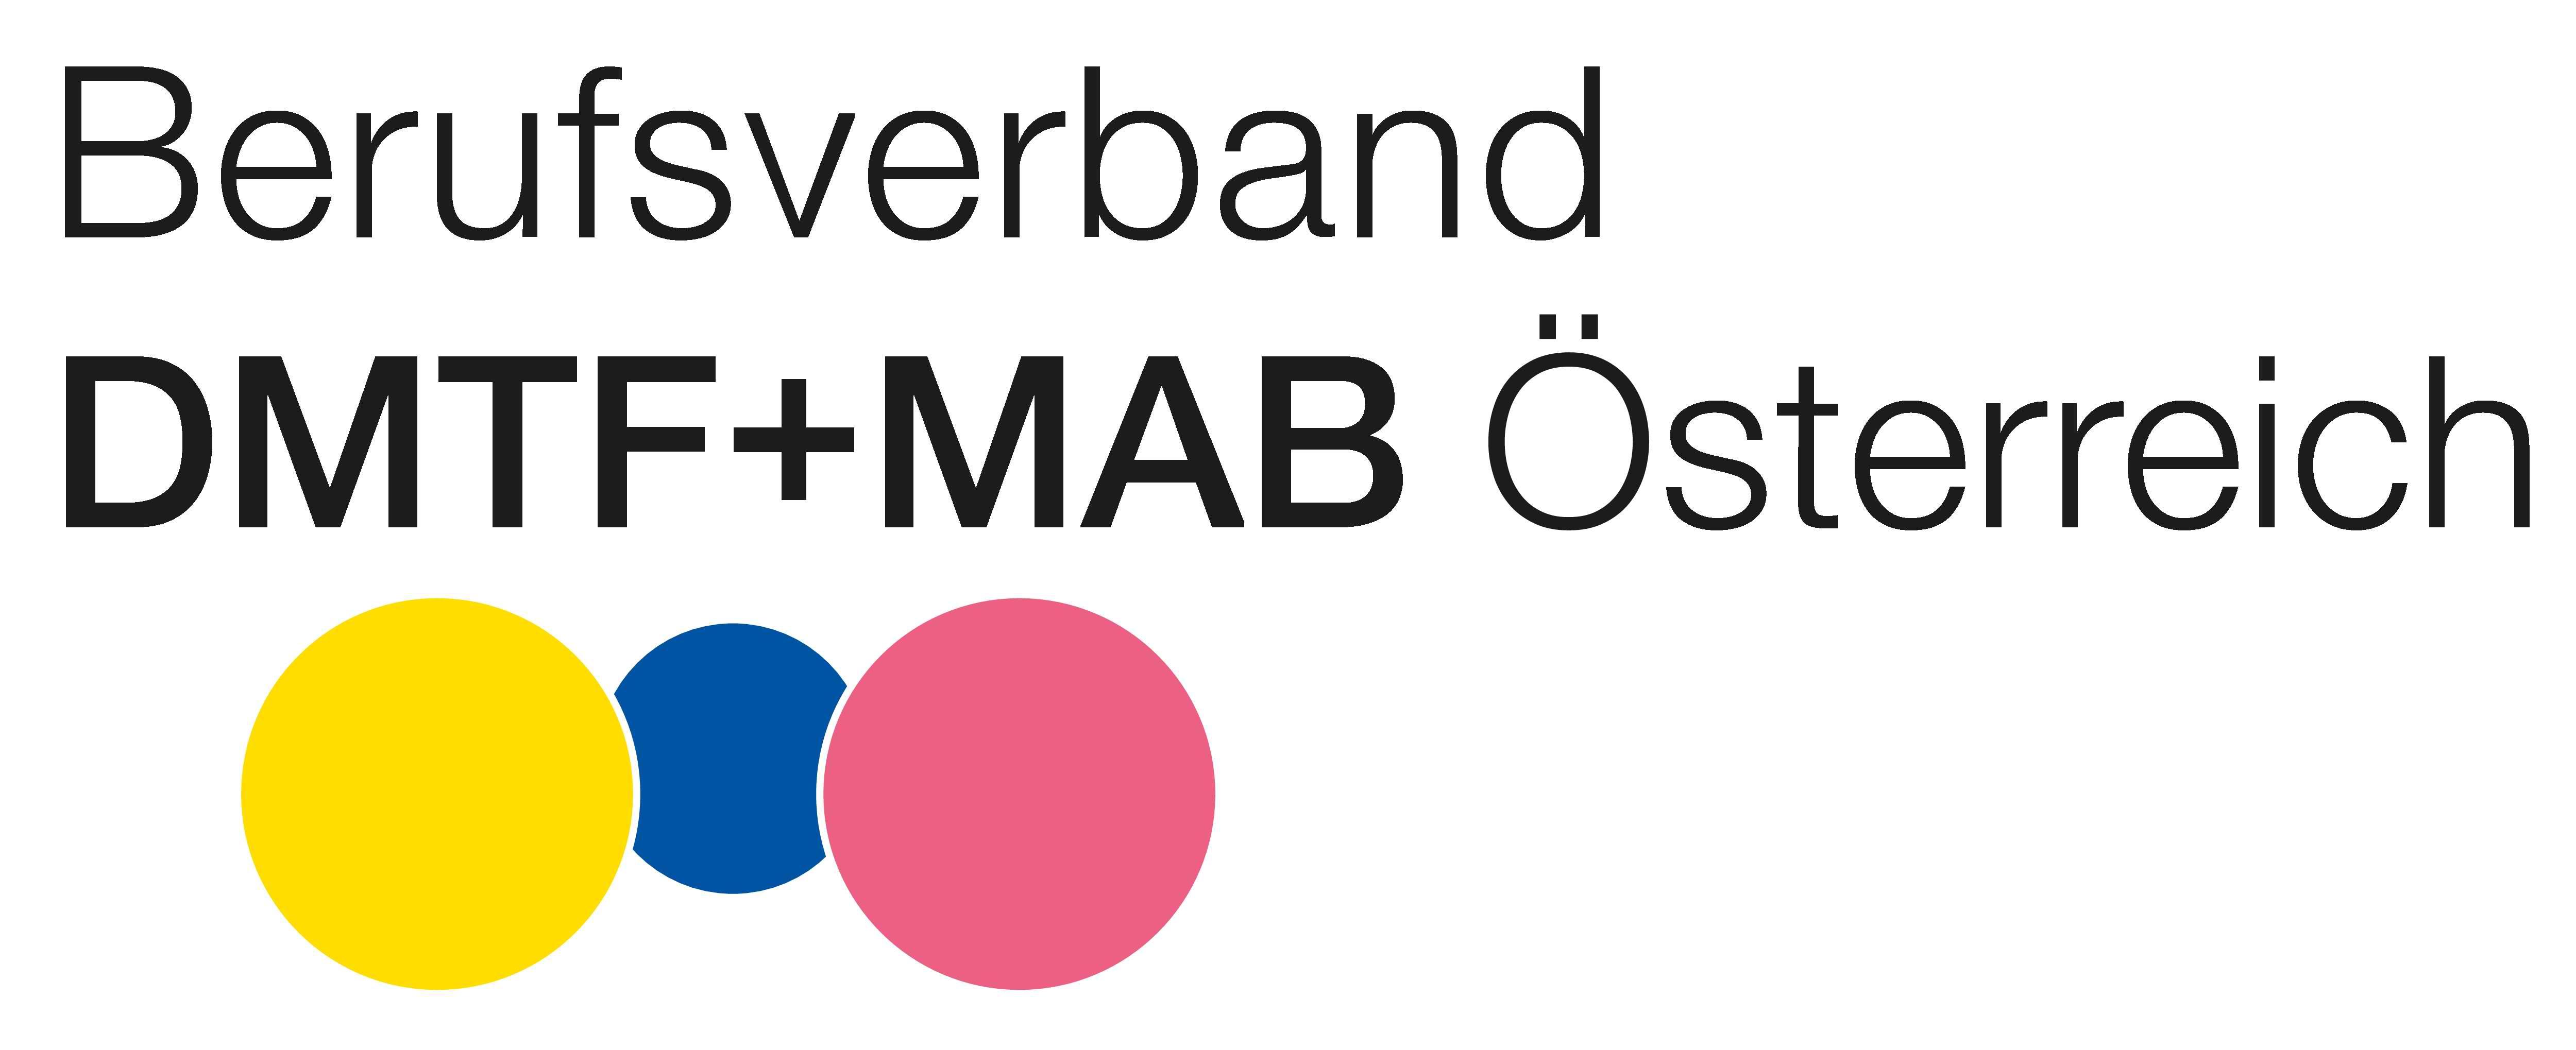 Berufsverband DMTF+MAB Österreich | http://www.dmtf-mab.at/